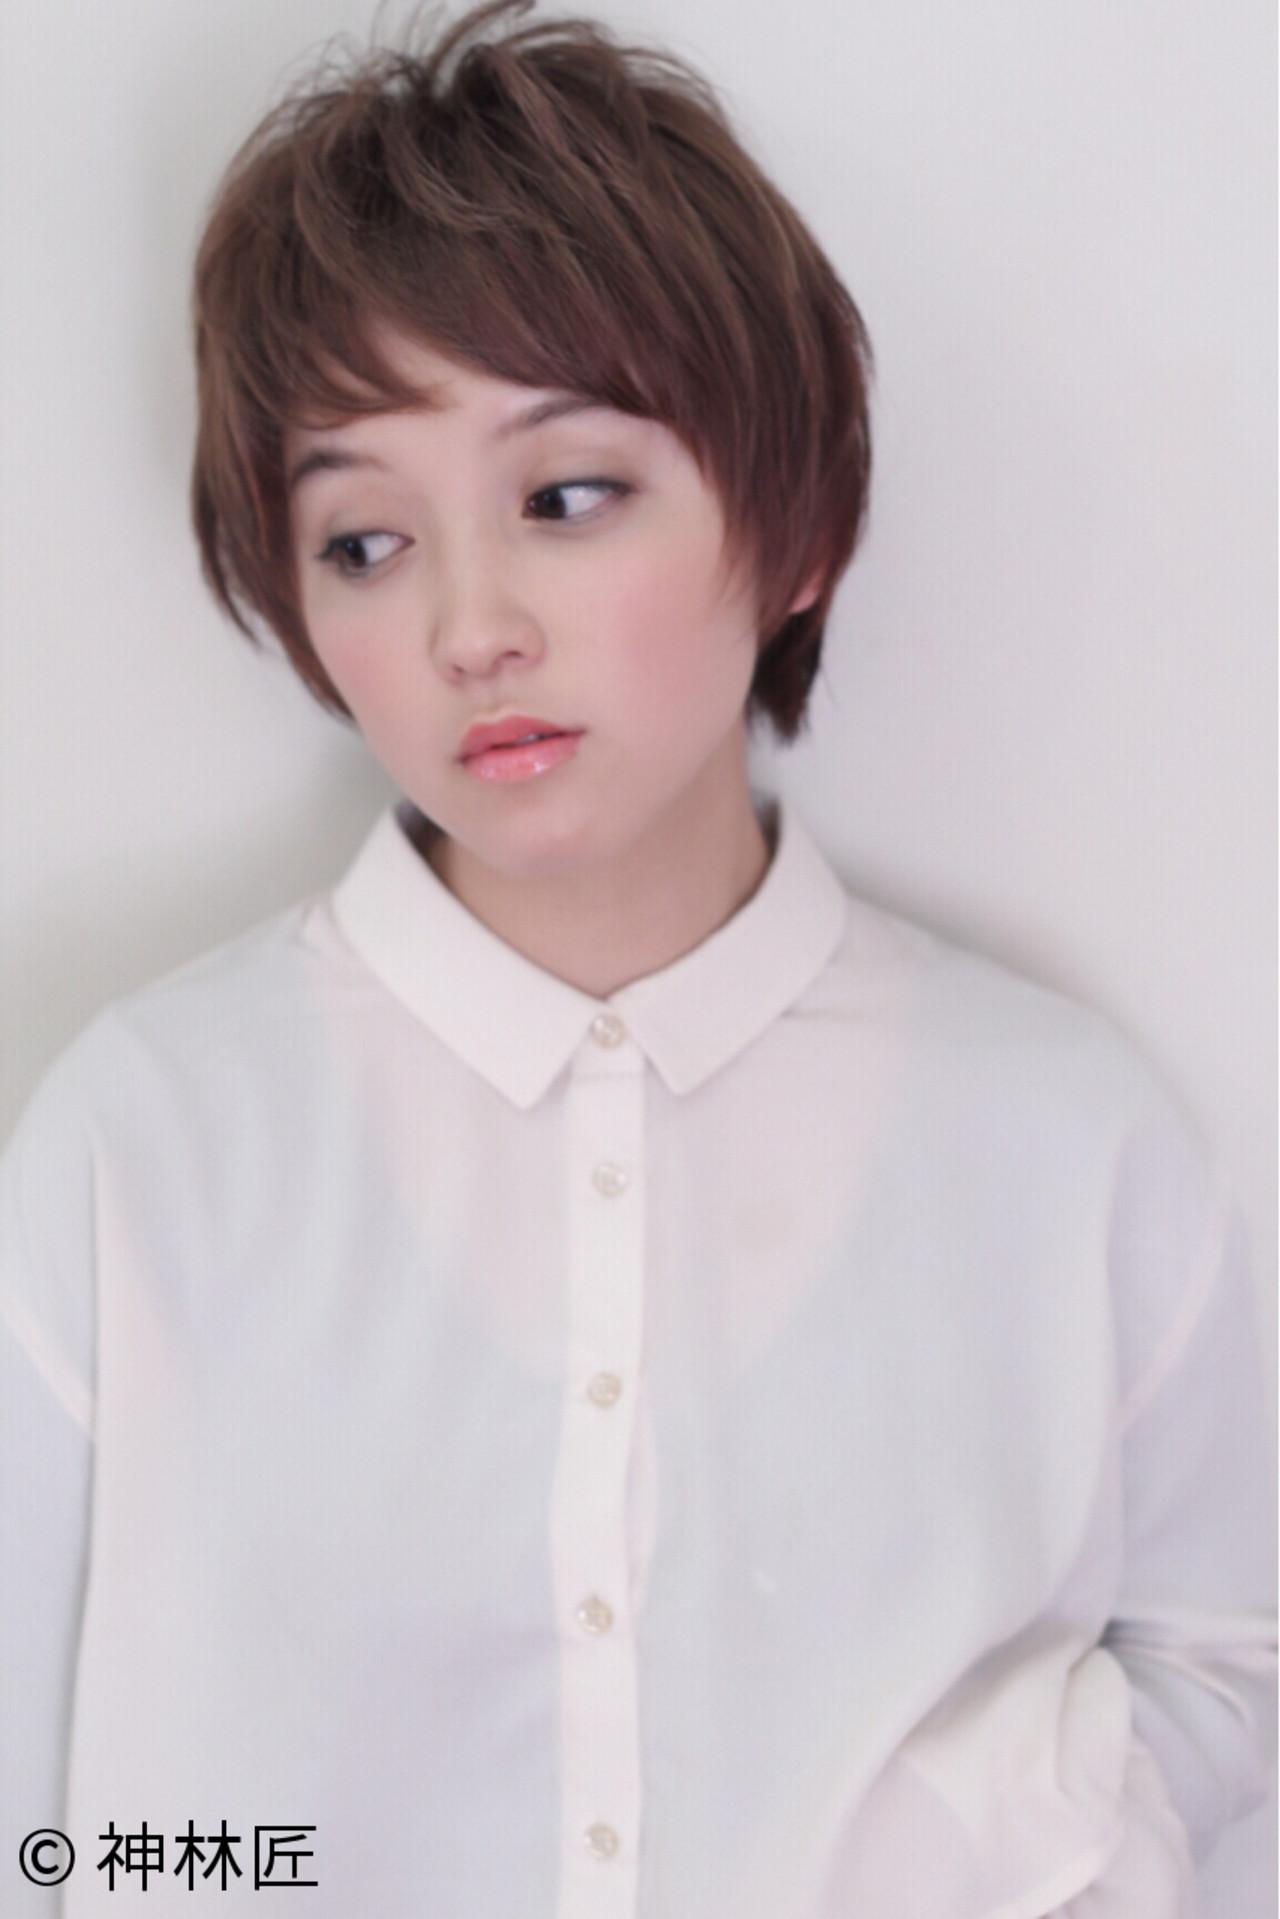 小顔 ガーリー ショートバング 似合わせ ヘアスタイルや髪型の写真・画像   神林匠 / 髪庵 ゆかし (かみあん ゆかし)